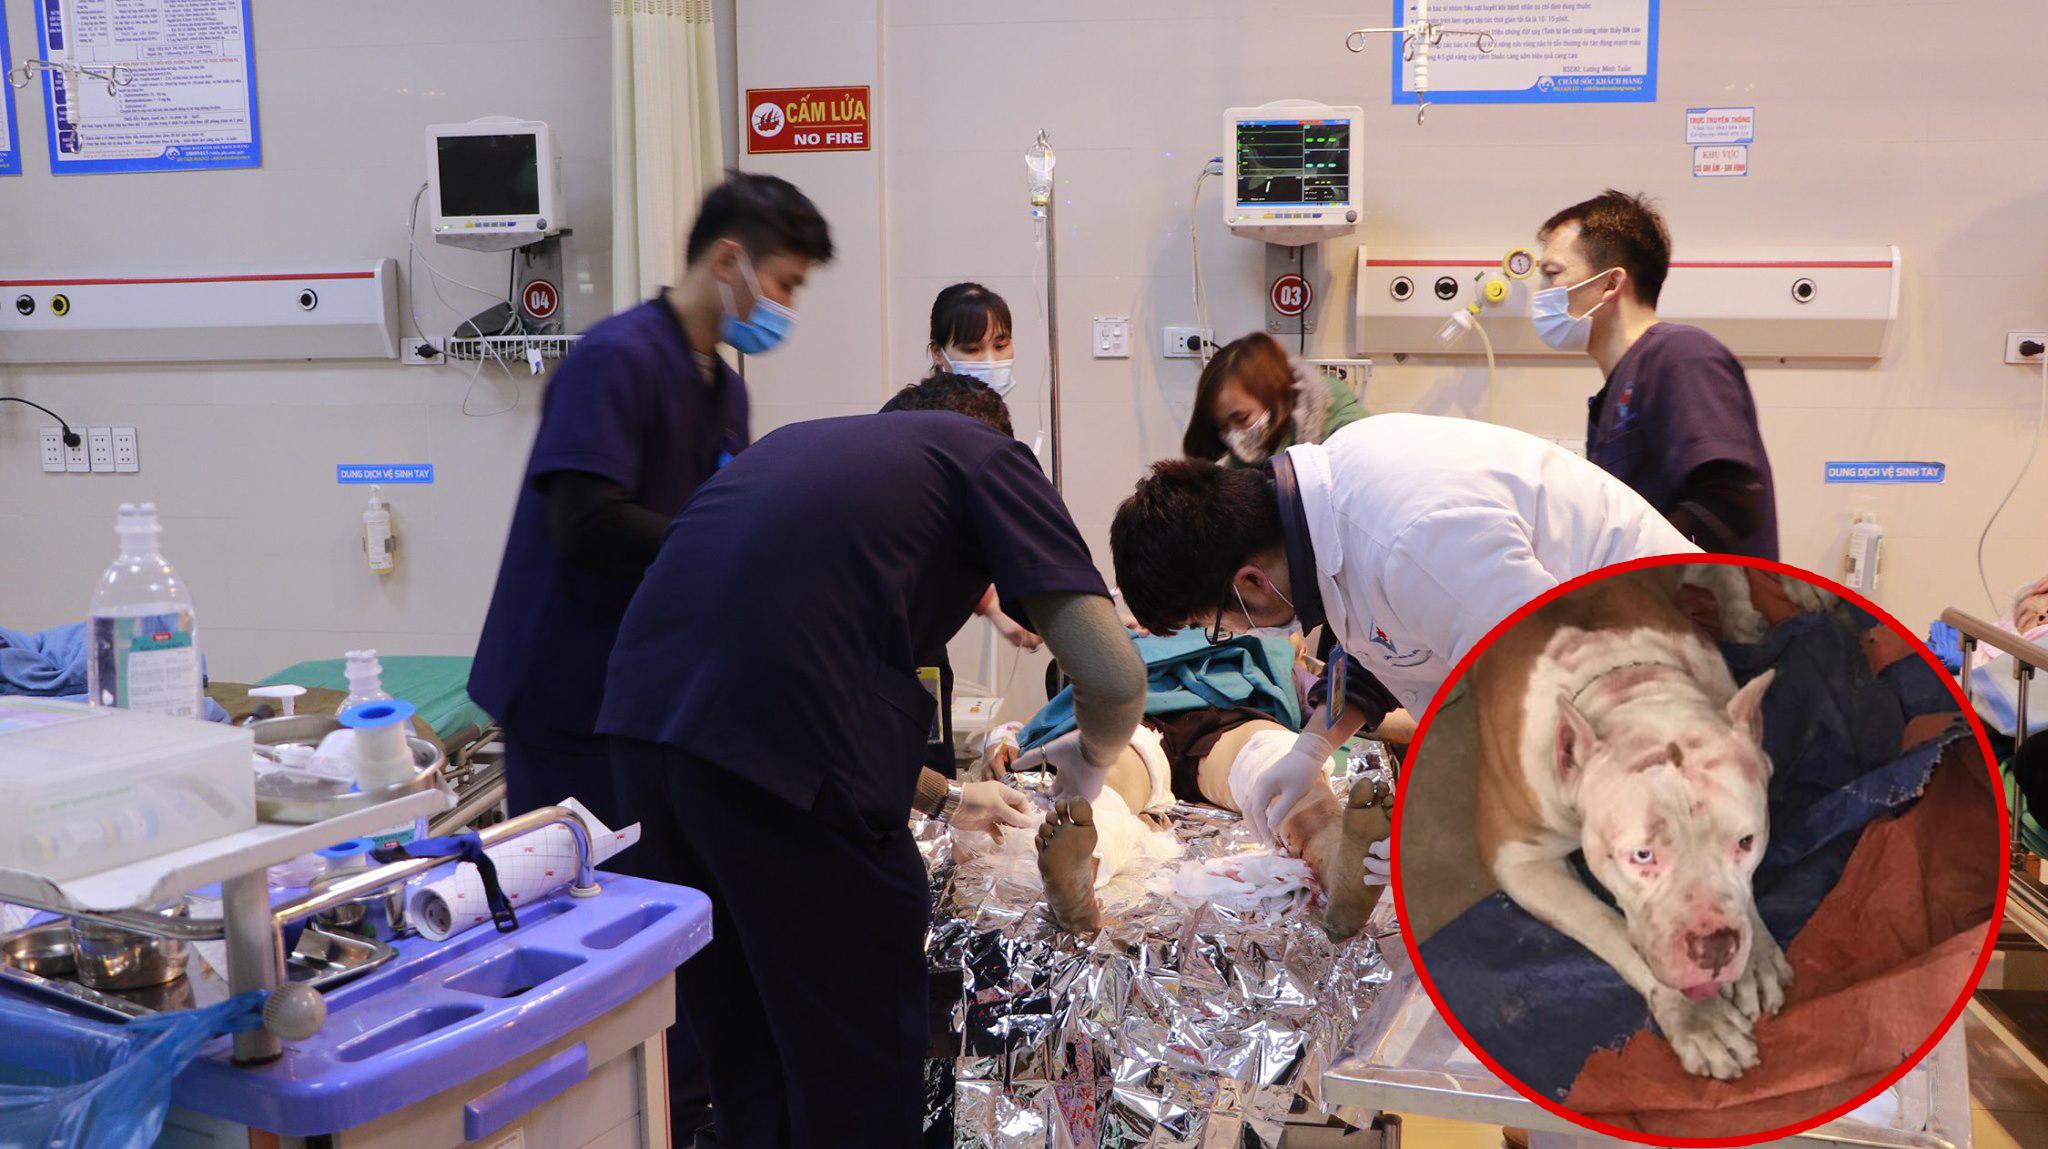 Nữ công nhân bị chó Pitbull nhà chủ cắn nát tay chân. Ảnh: Bệnh viện cung cấp